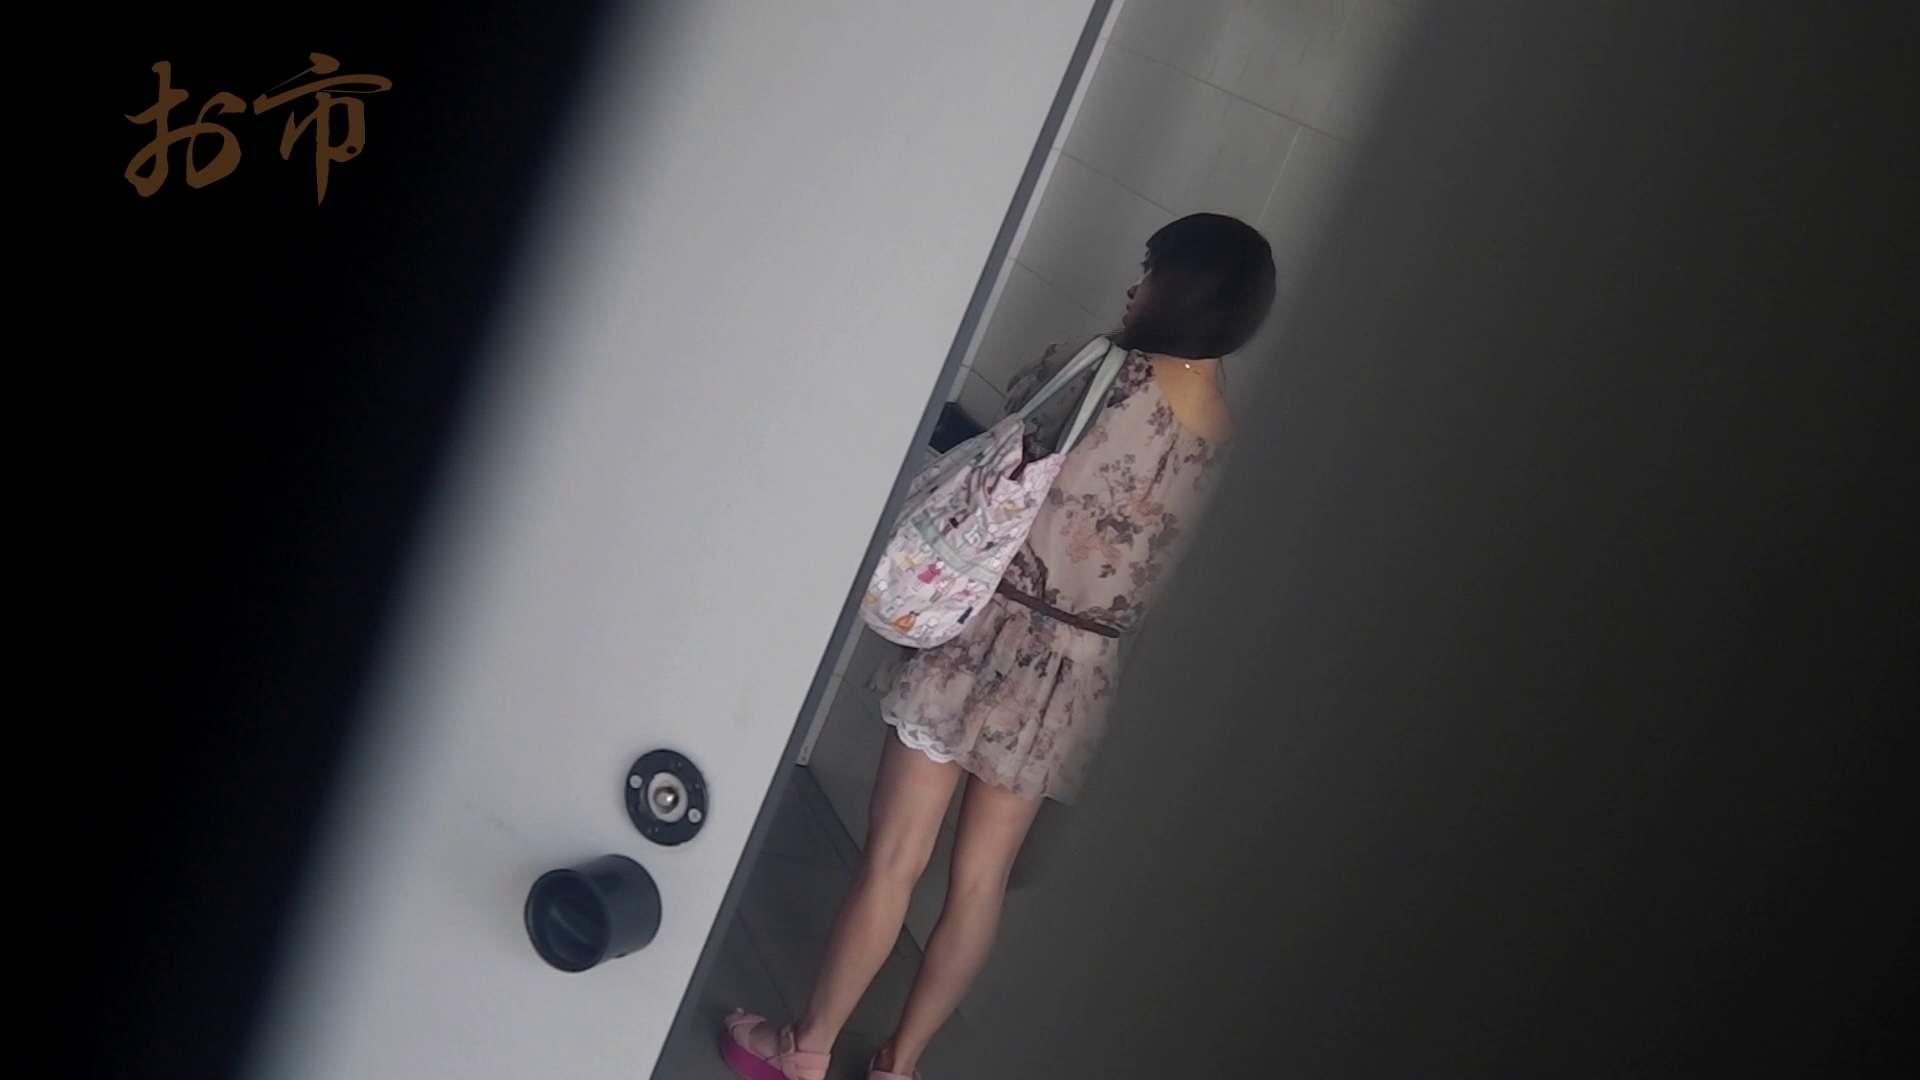 潜入!!台湾名門女学院 Vol.12 長身モデル驚き見たことないシチュエーション エロくん潜入  25連発 5